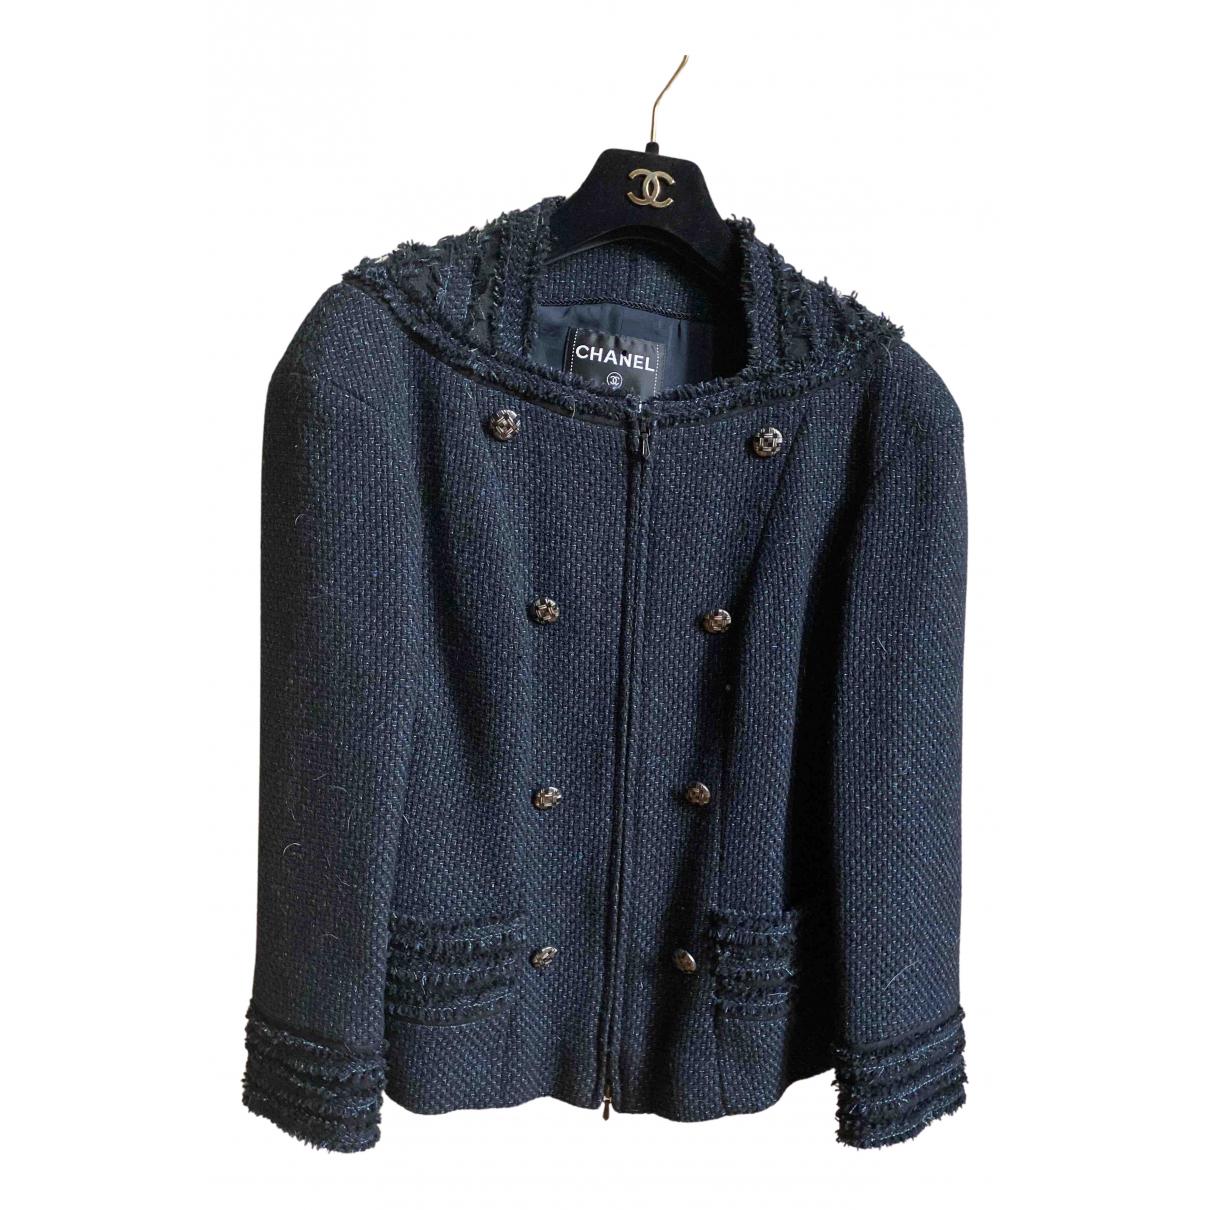 Chanel \N Jacke in  Blau Tweed